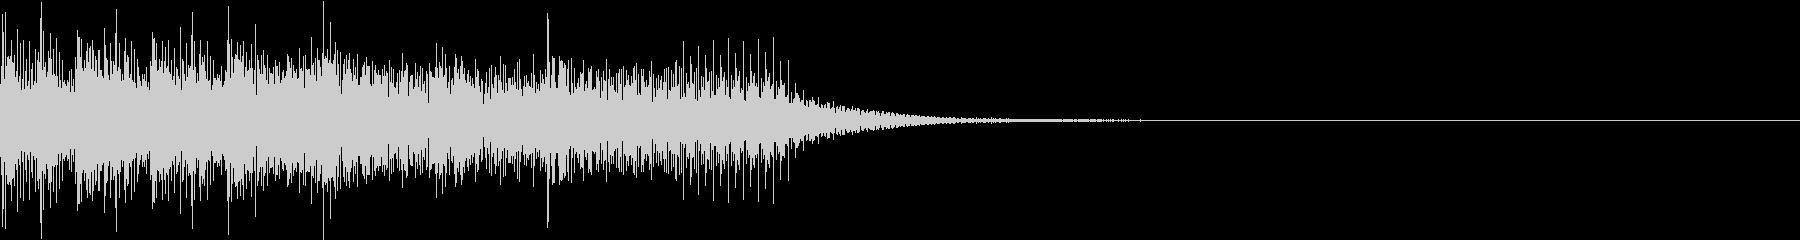 ファミコン風 レトロ ファンファーレ Kの未再生の波形